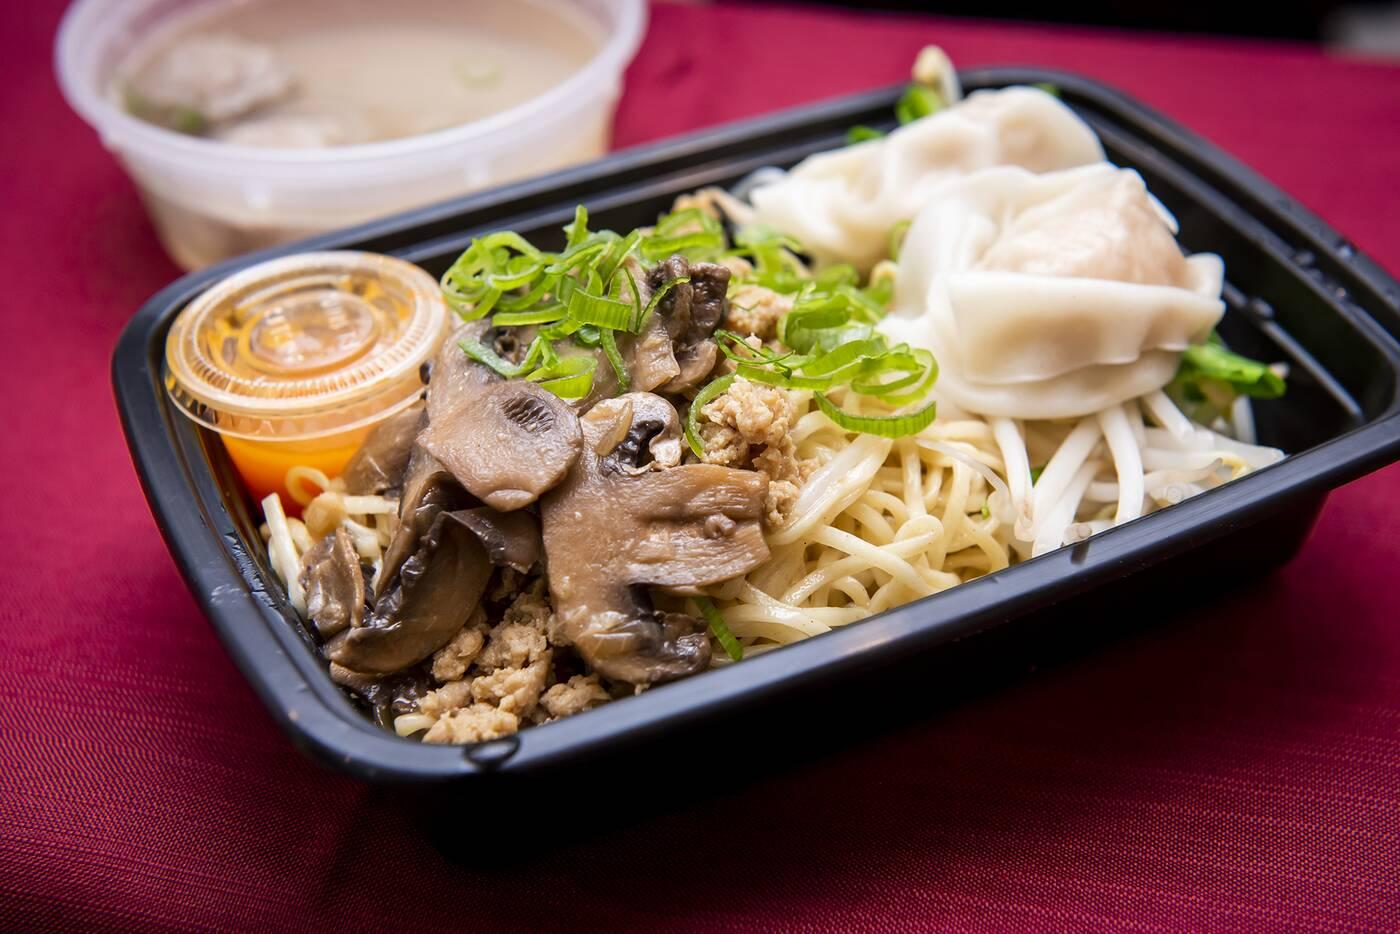 Nai Nai Noodles